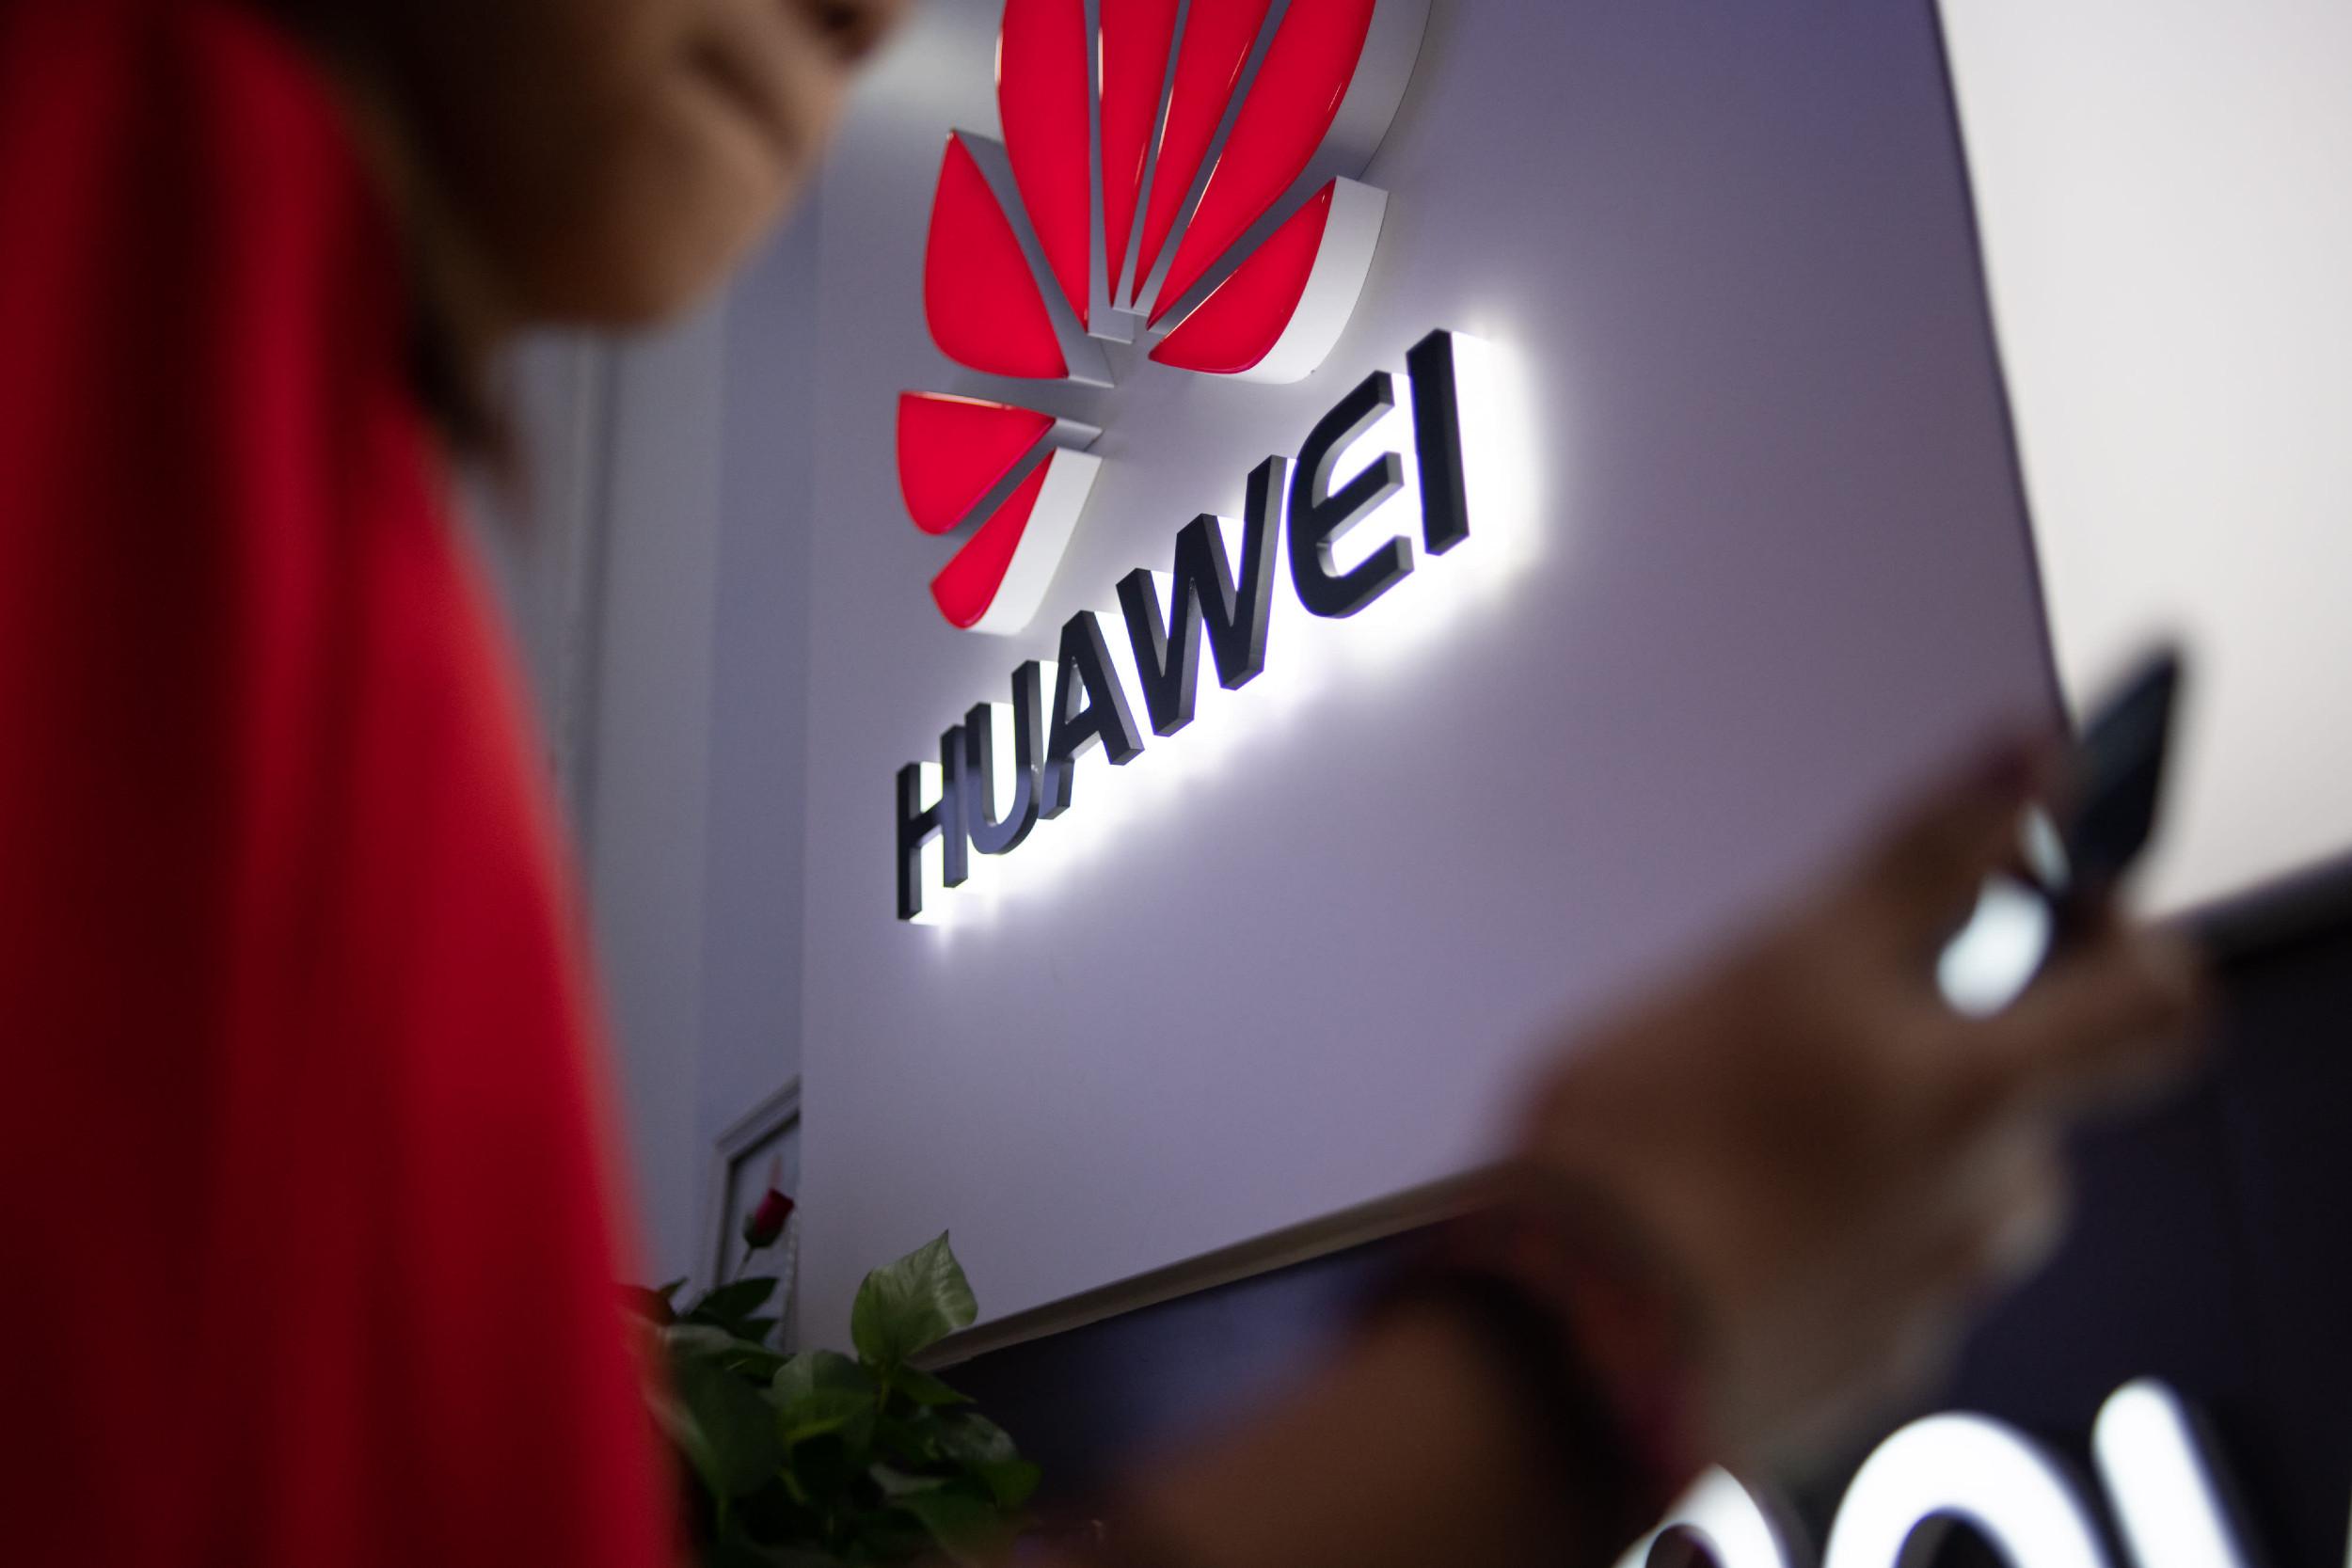 Човек гледа у свој телефон док пролази поред продавнице Хуавеја у Пекингу, 27. мај 2019. (Фото: Fred Dufour/AFP/Getty Images)